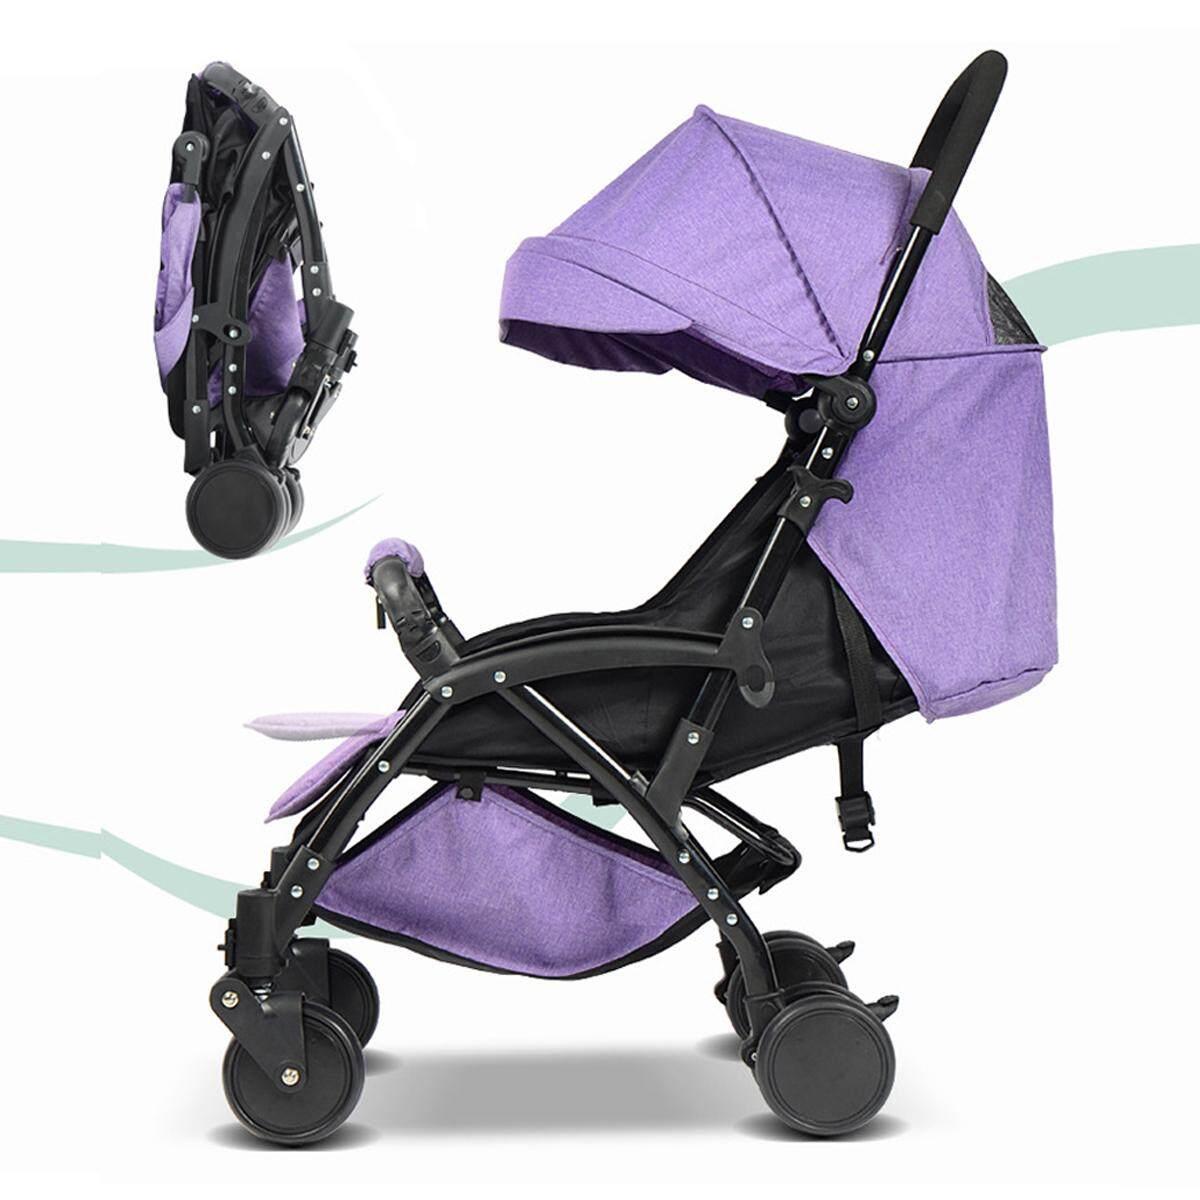 ขอโค๊ดส่วนลด Unbranded/Generic รถเข็นเด็กสามล้อ Lightweight Baby Toddler Stroller Jogger Generic Pram Compact Yoyo Fold Travel มีโปรโมชั่น ลดราคา